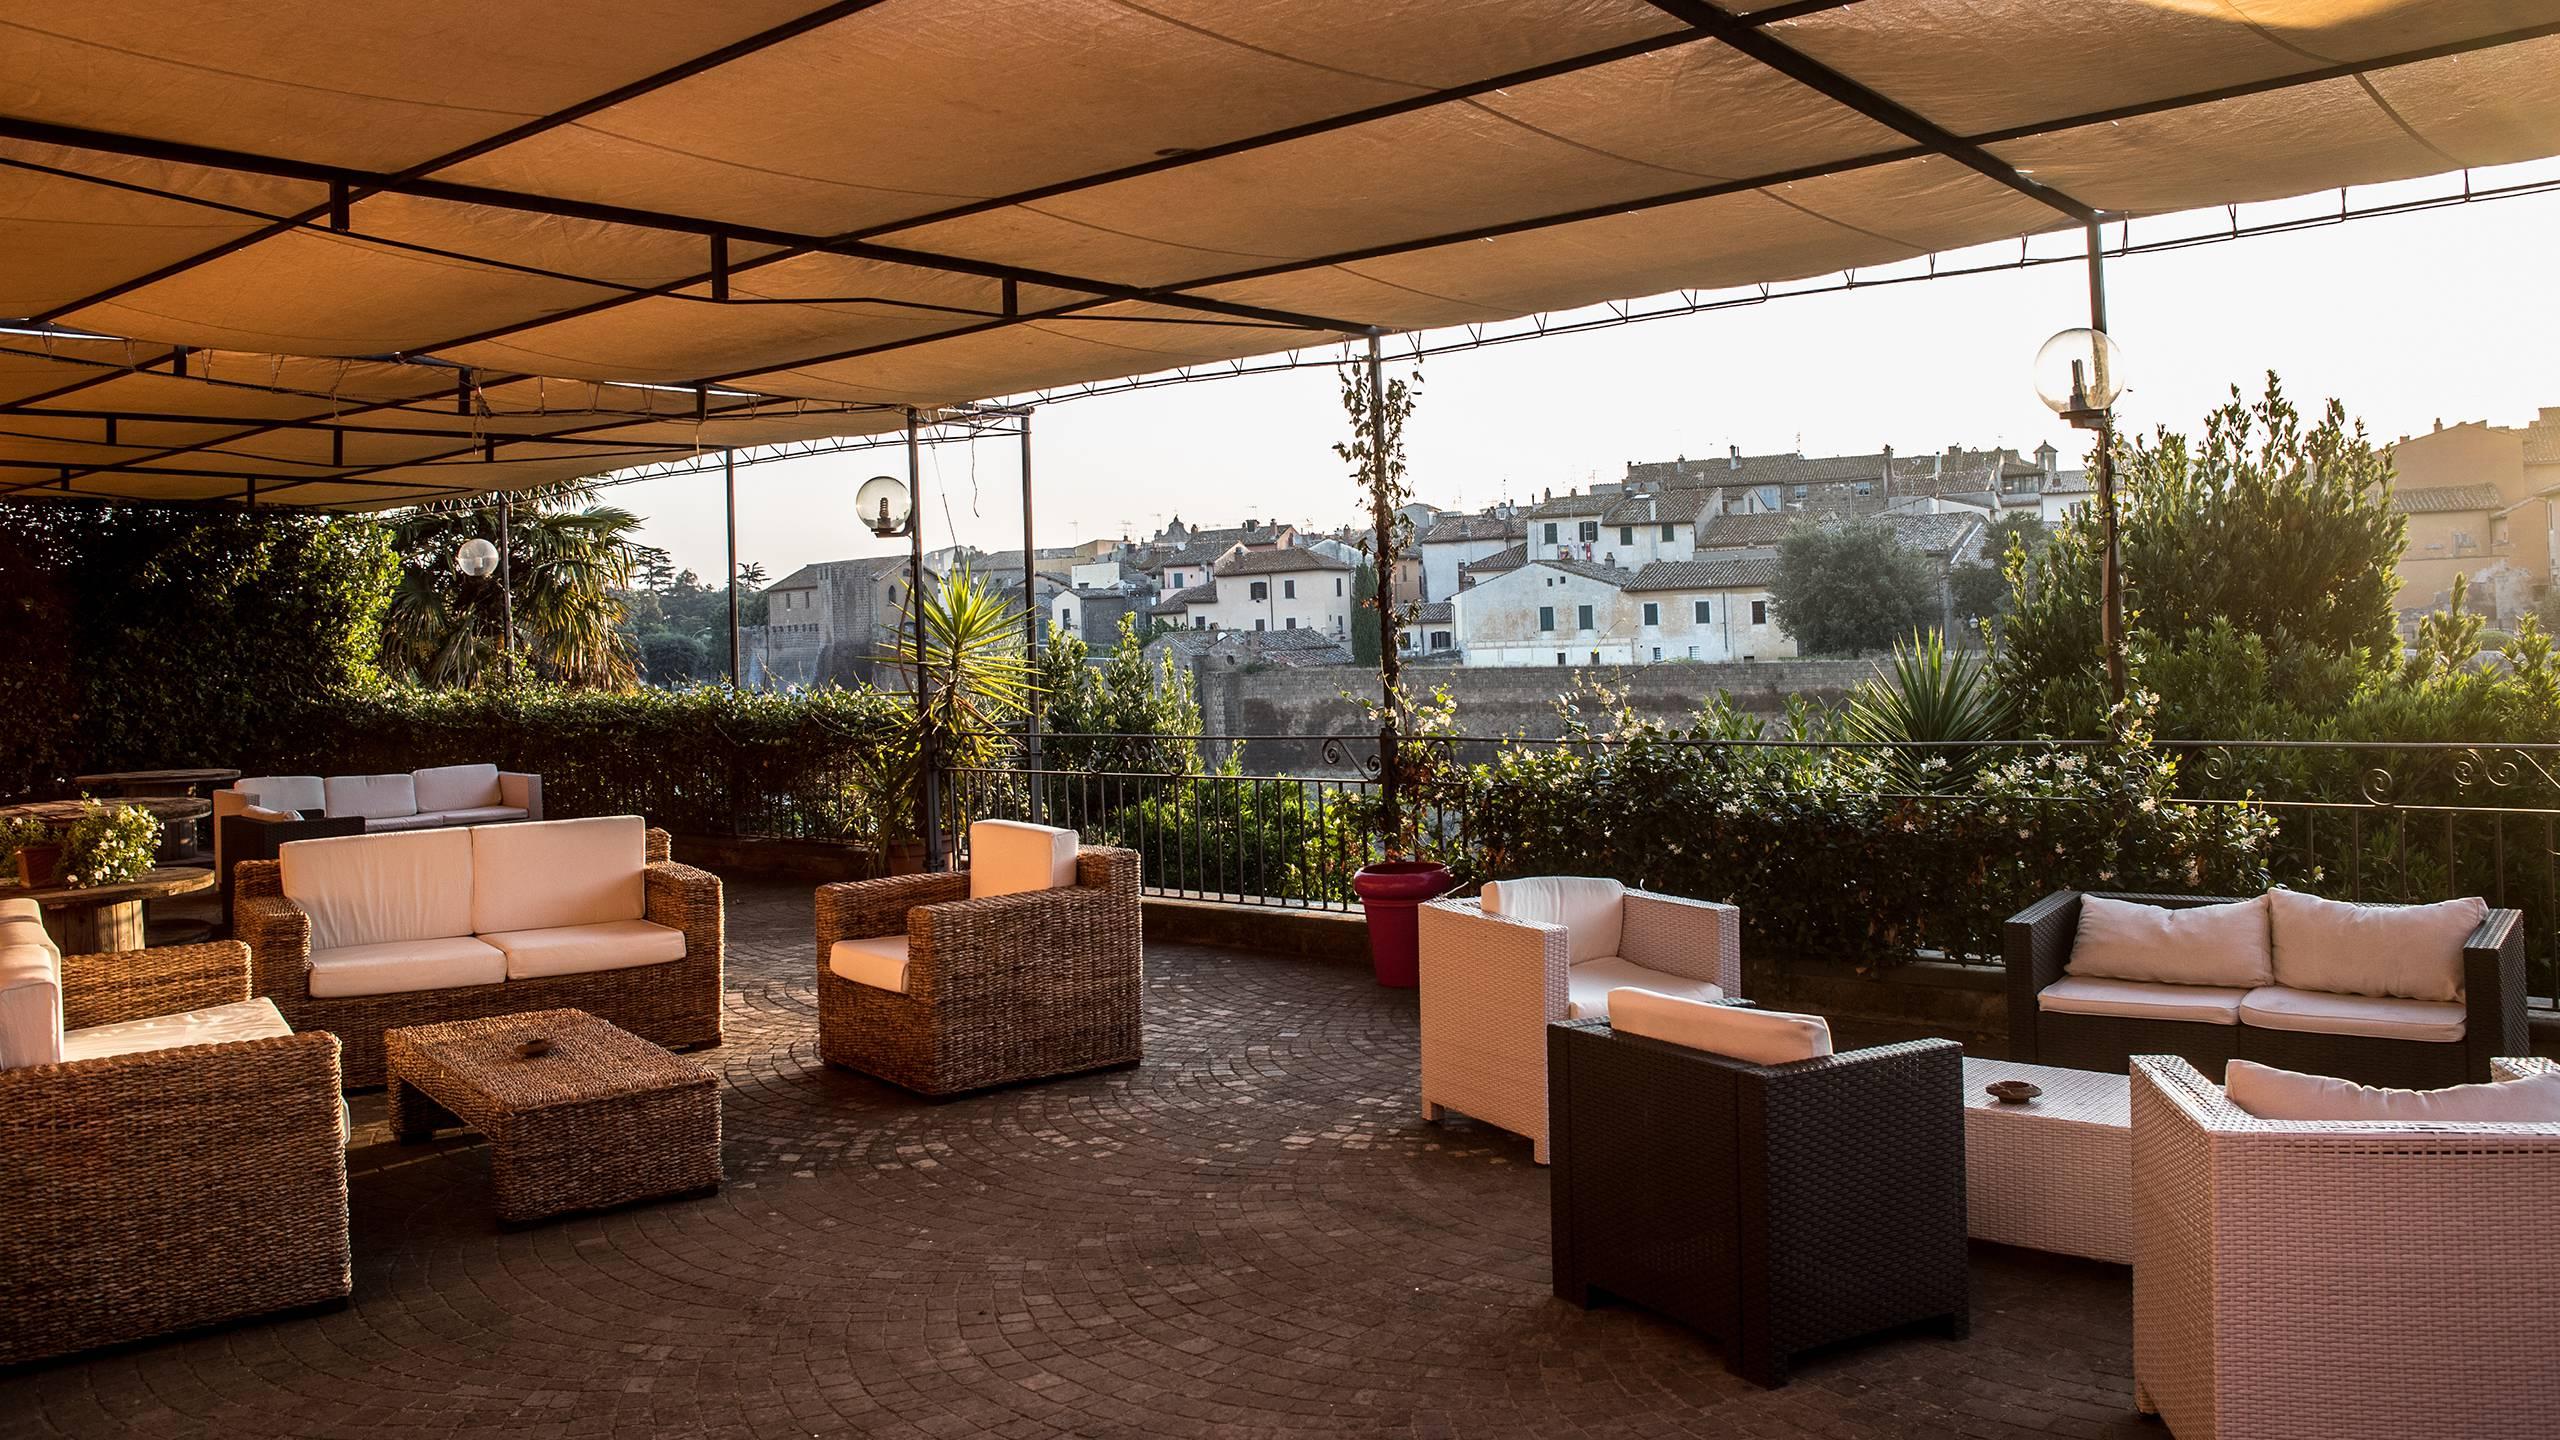 Hotel-Tuscania-Panoramico-Tuscania-Viterbo-terrace-2-C14I0716